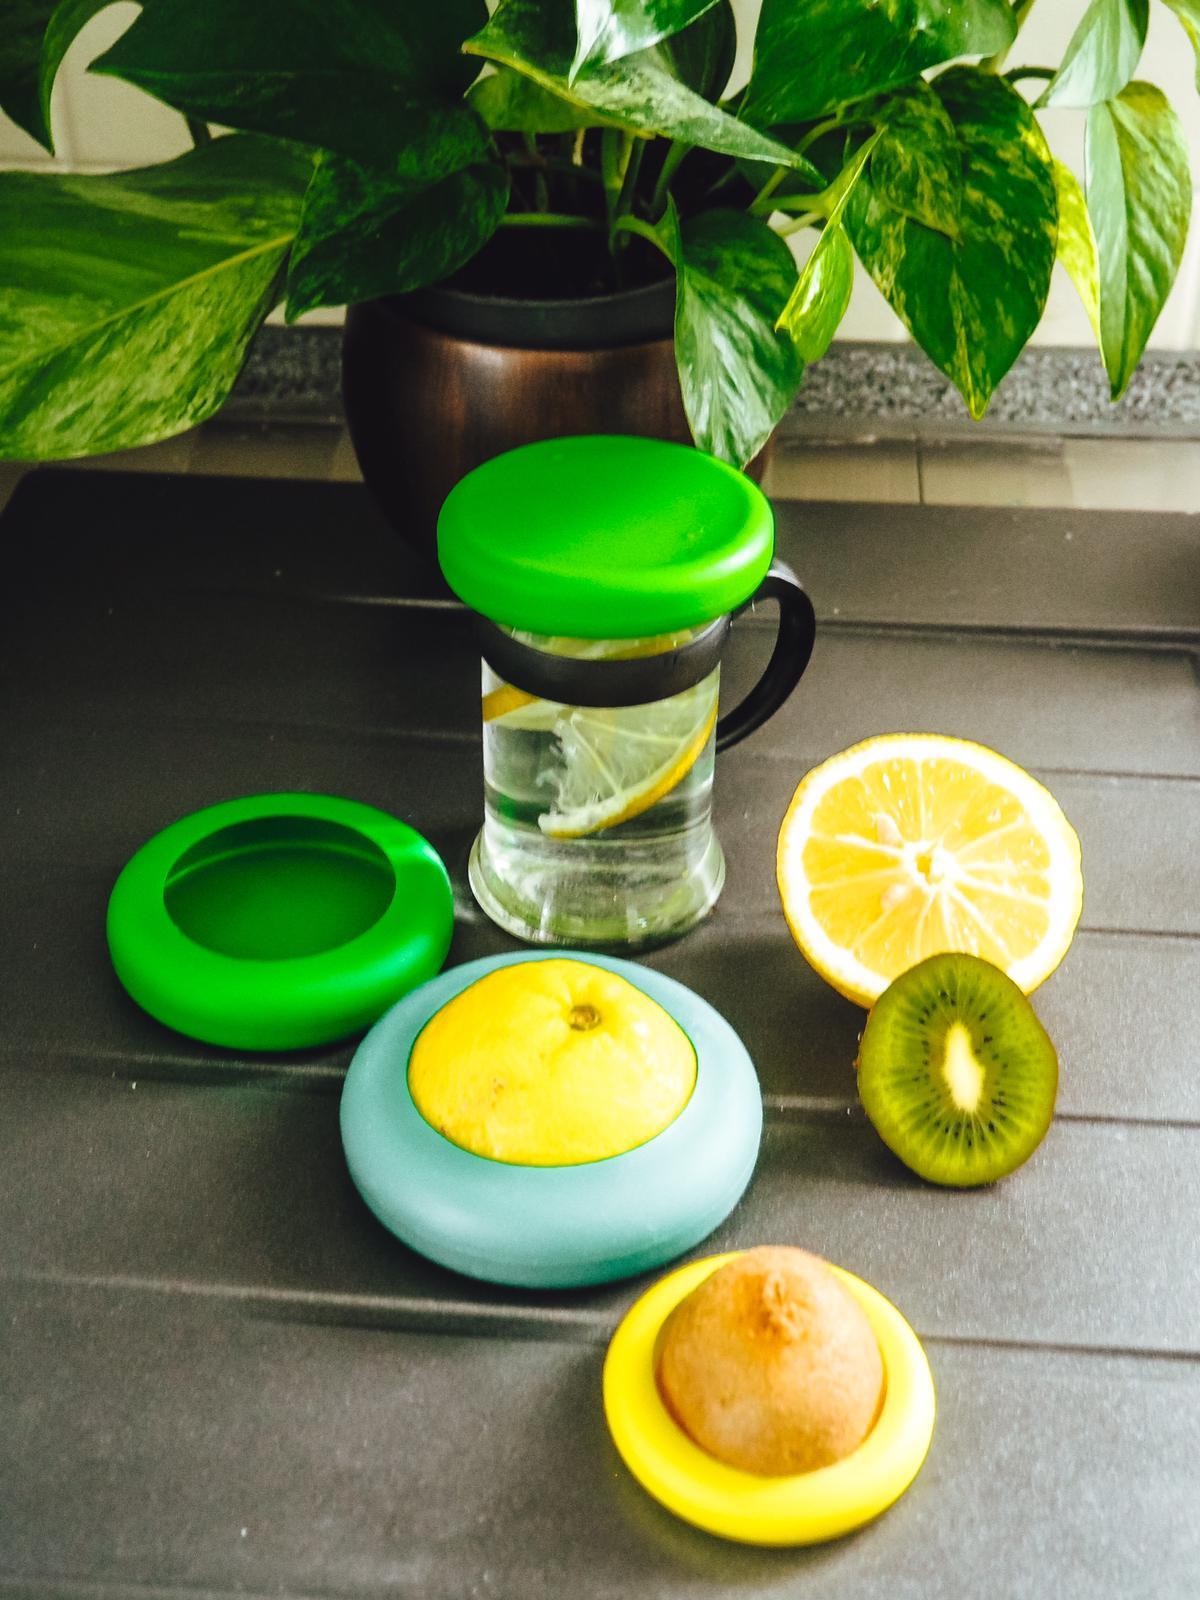 Obst- nd Gemüsehüte zum Abdecken von Gläsern von Samebutgreen